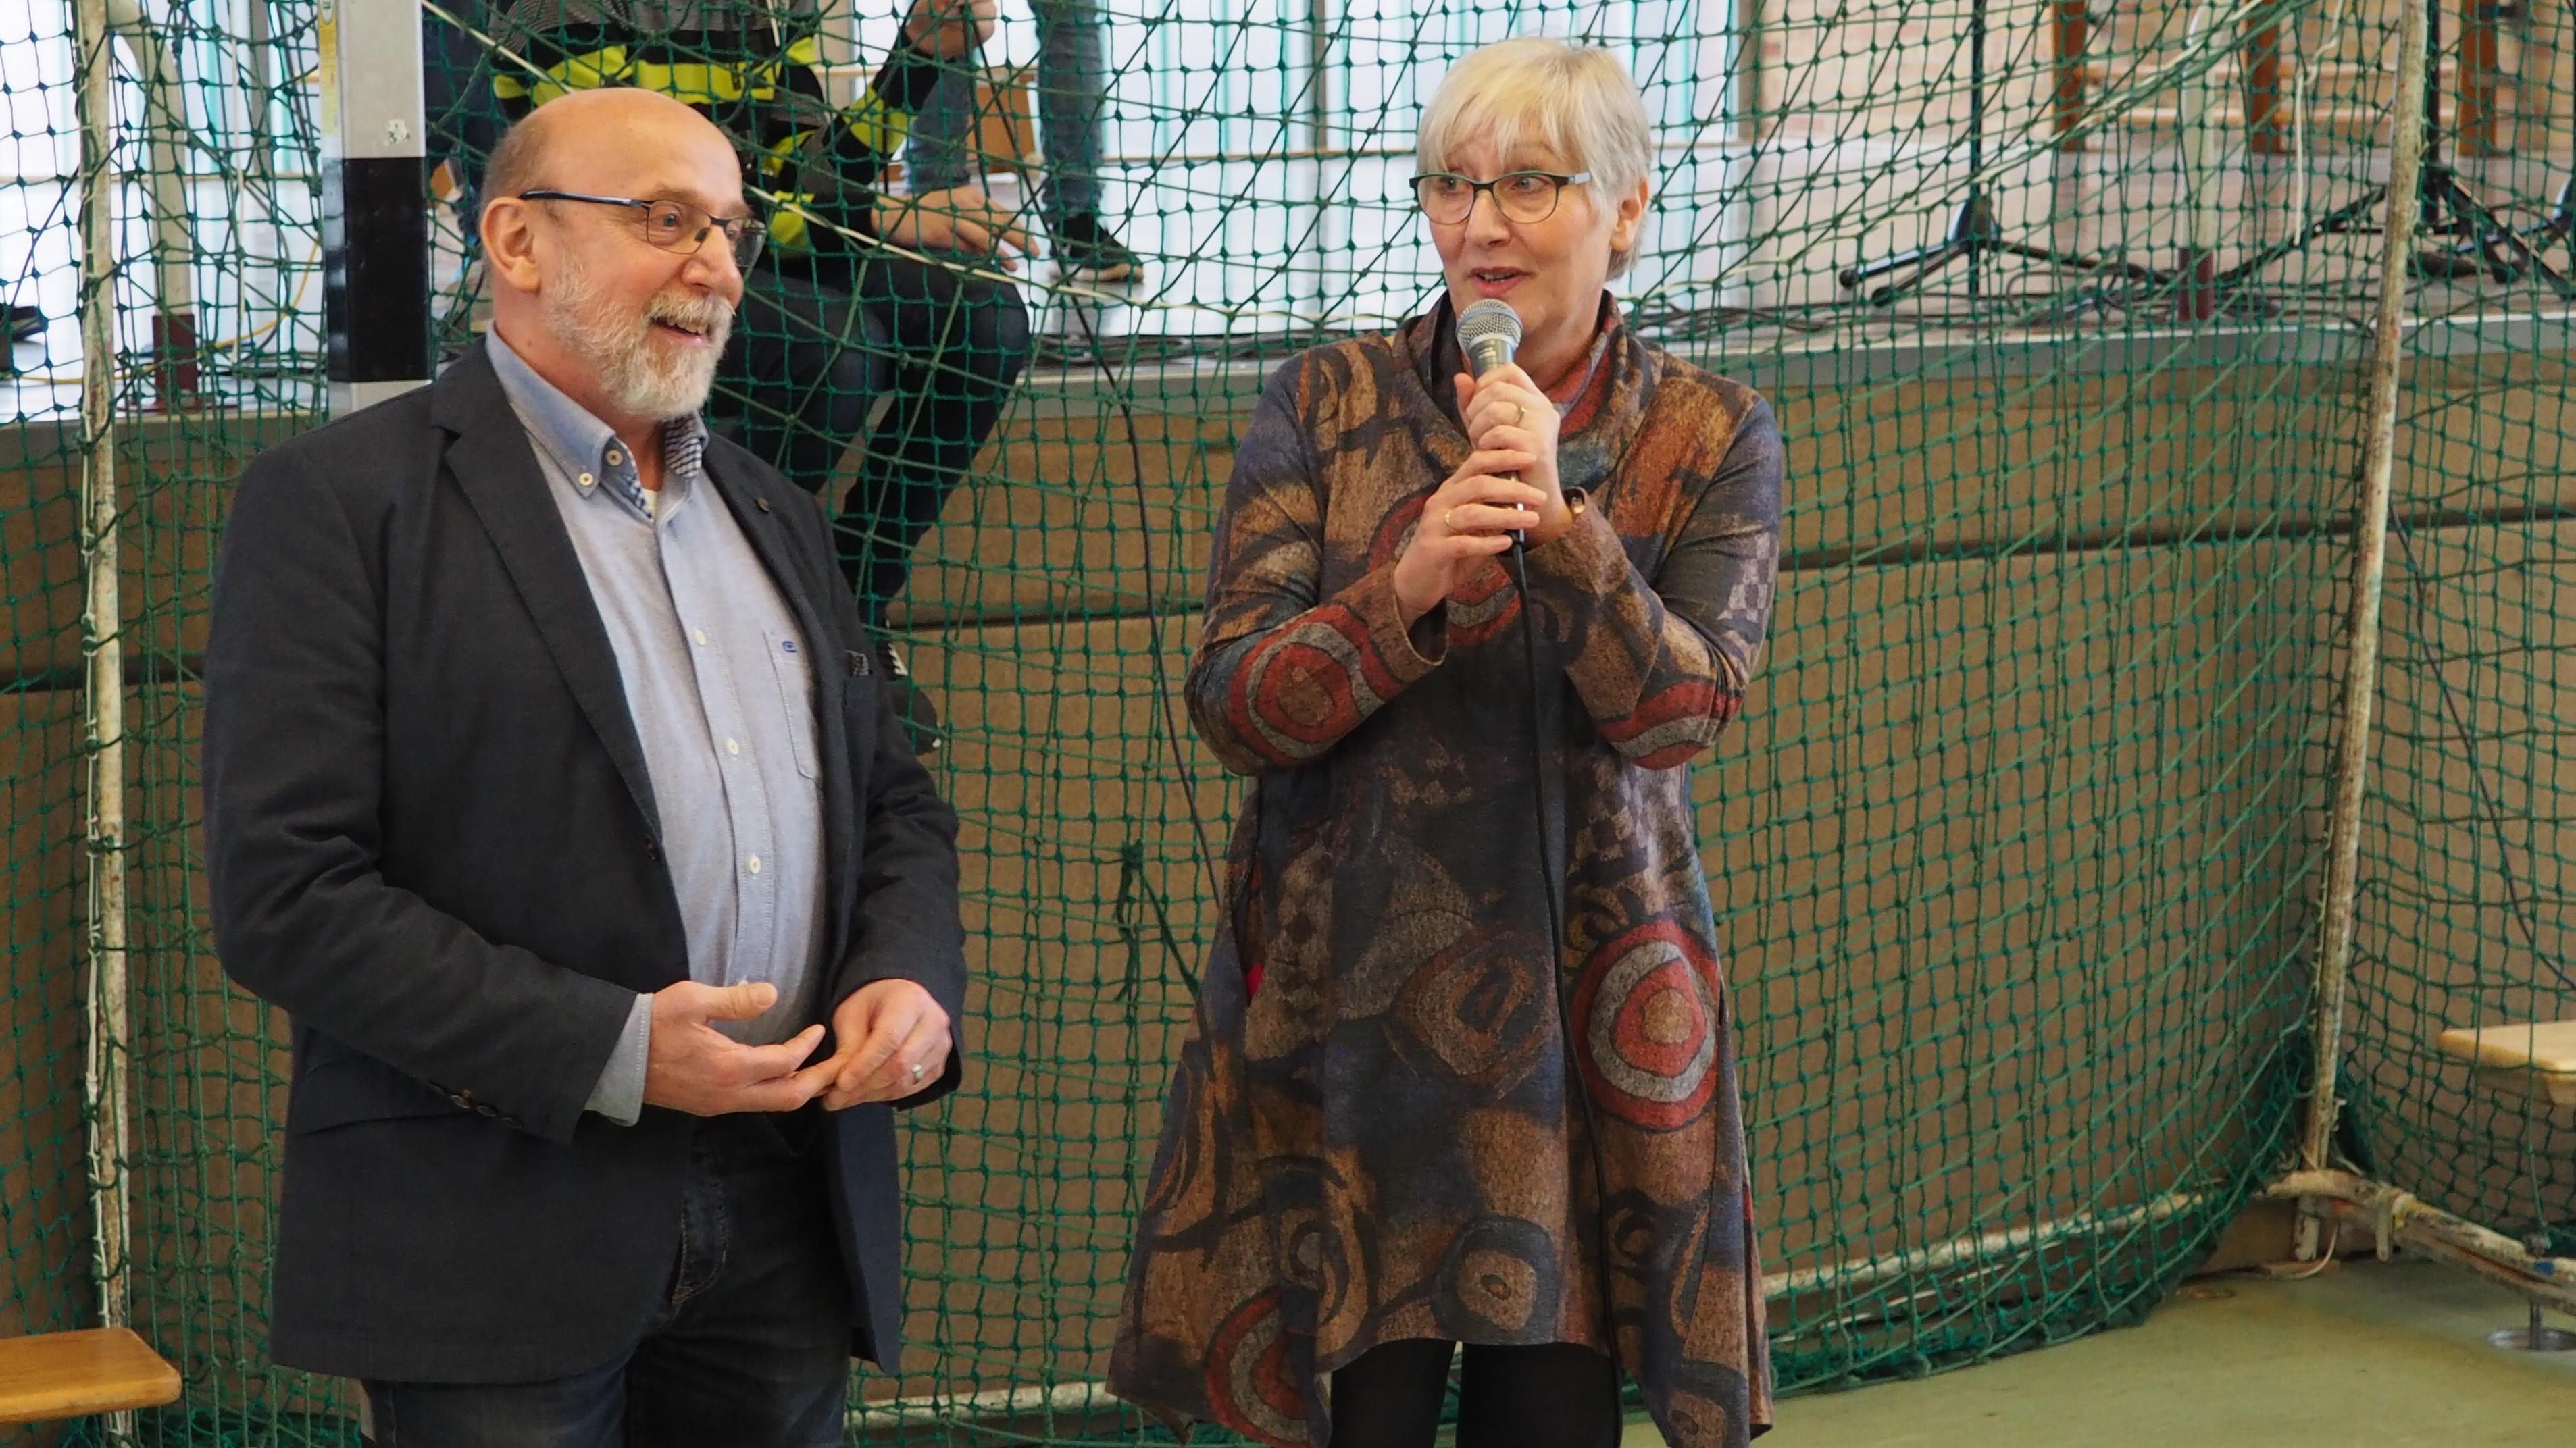 Frau van Haag und Herr Haecks